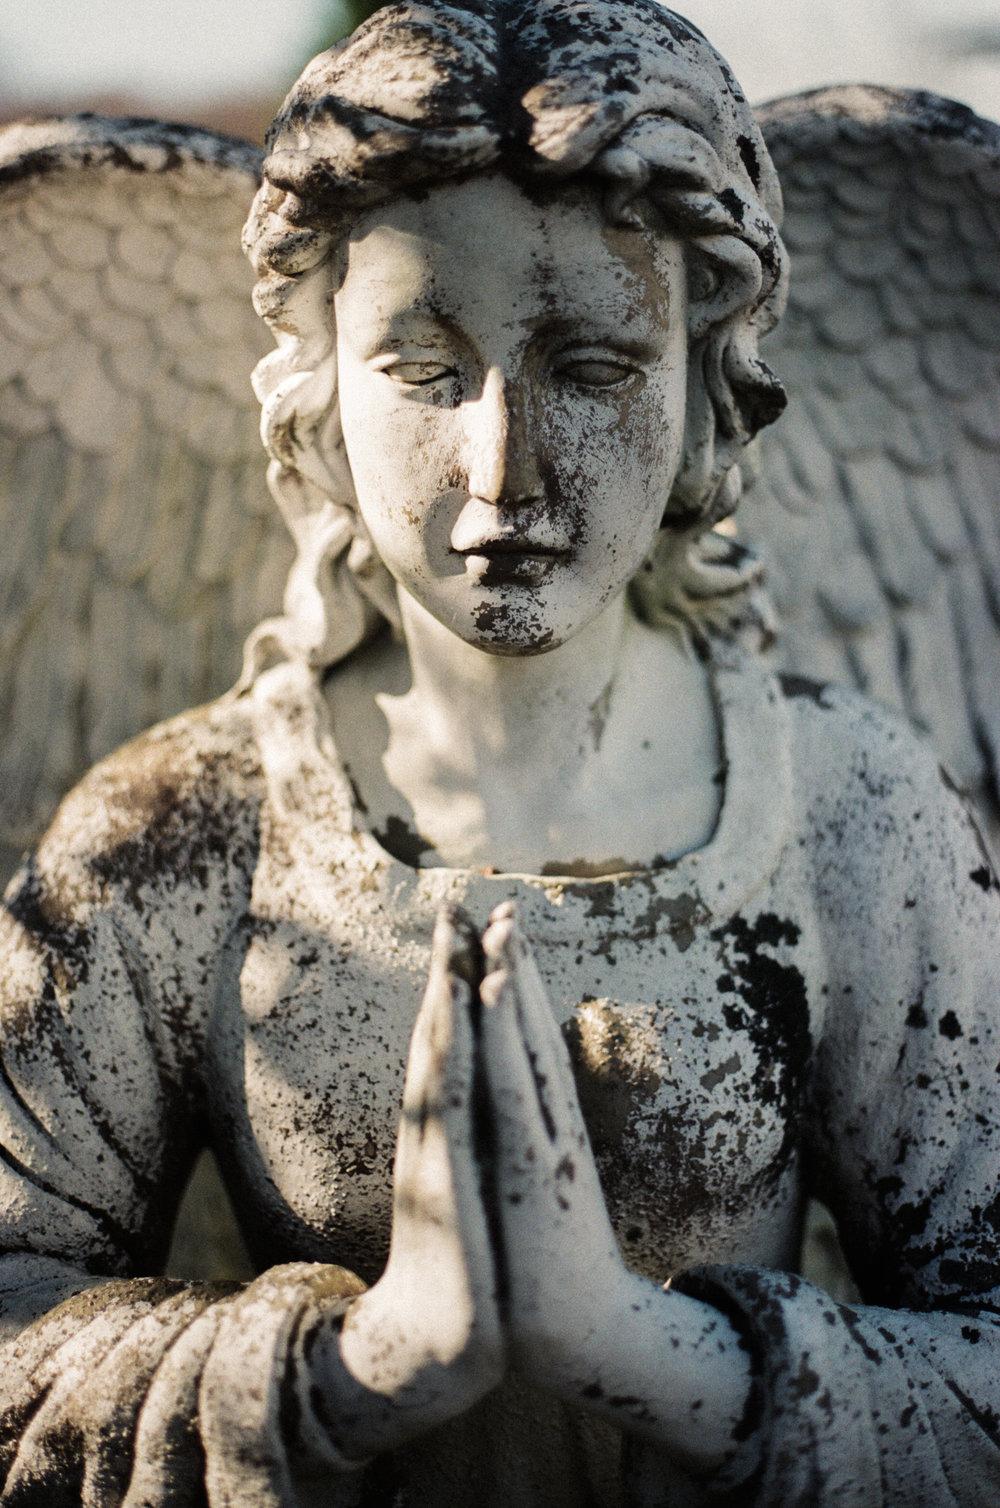 AngelintheBlinding-1.jpg